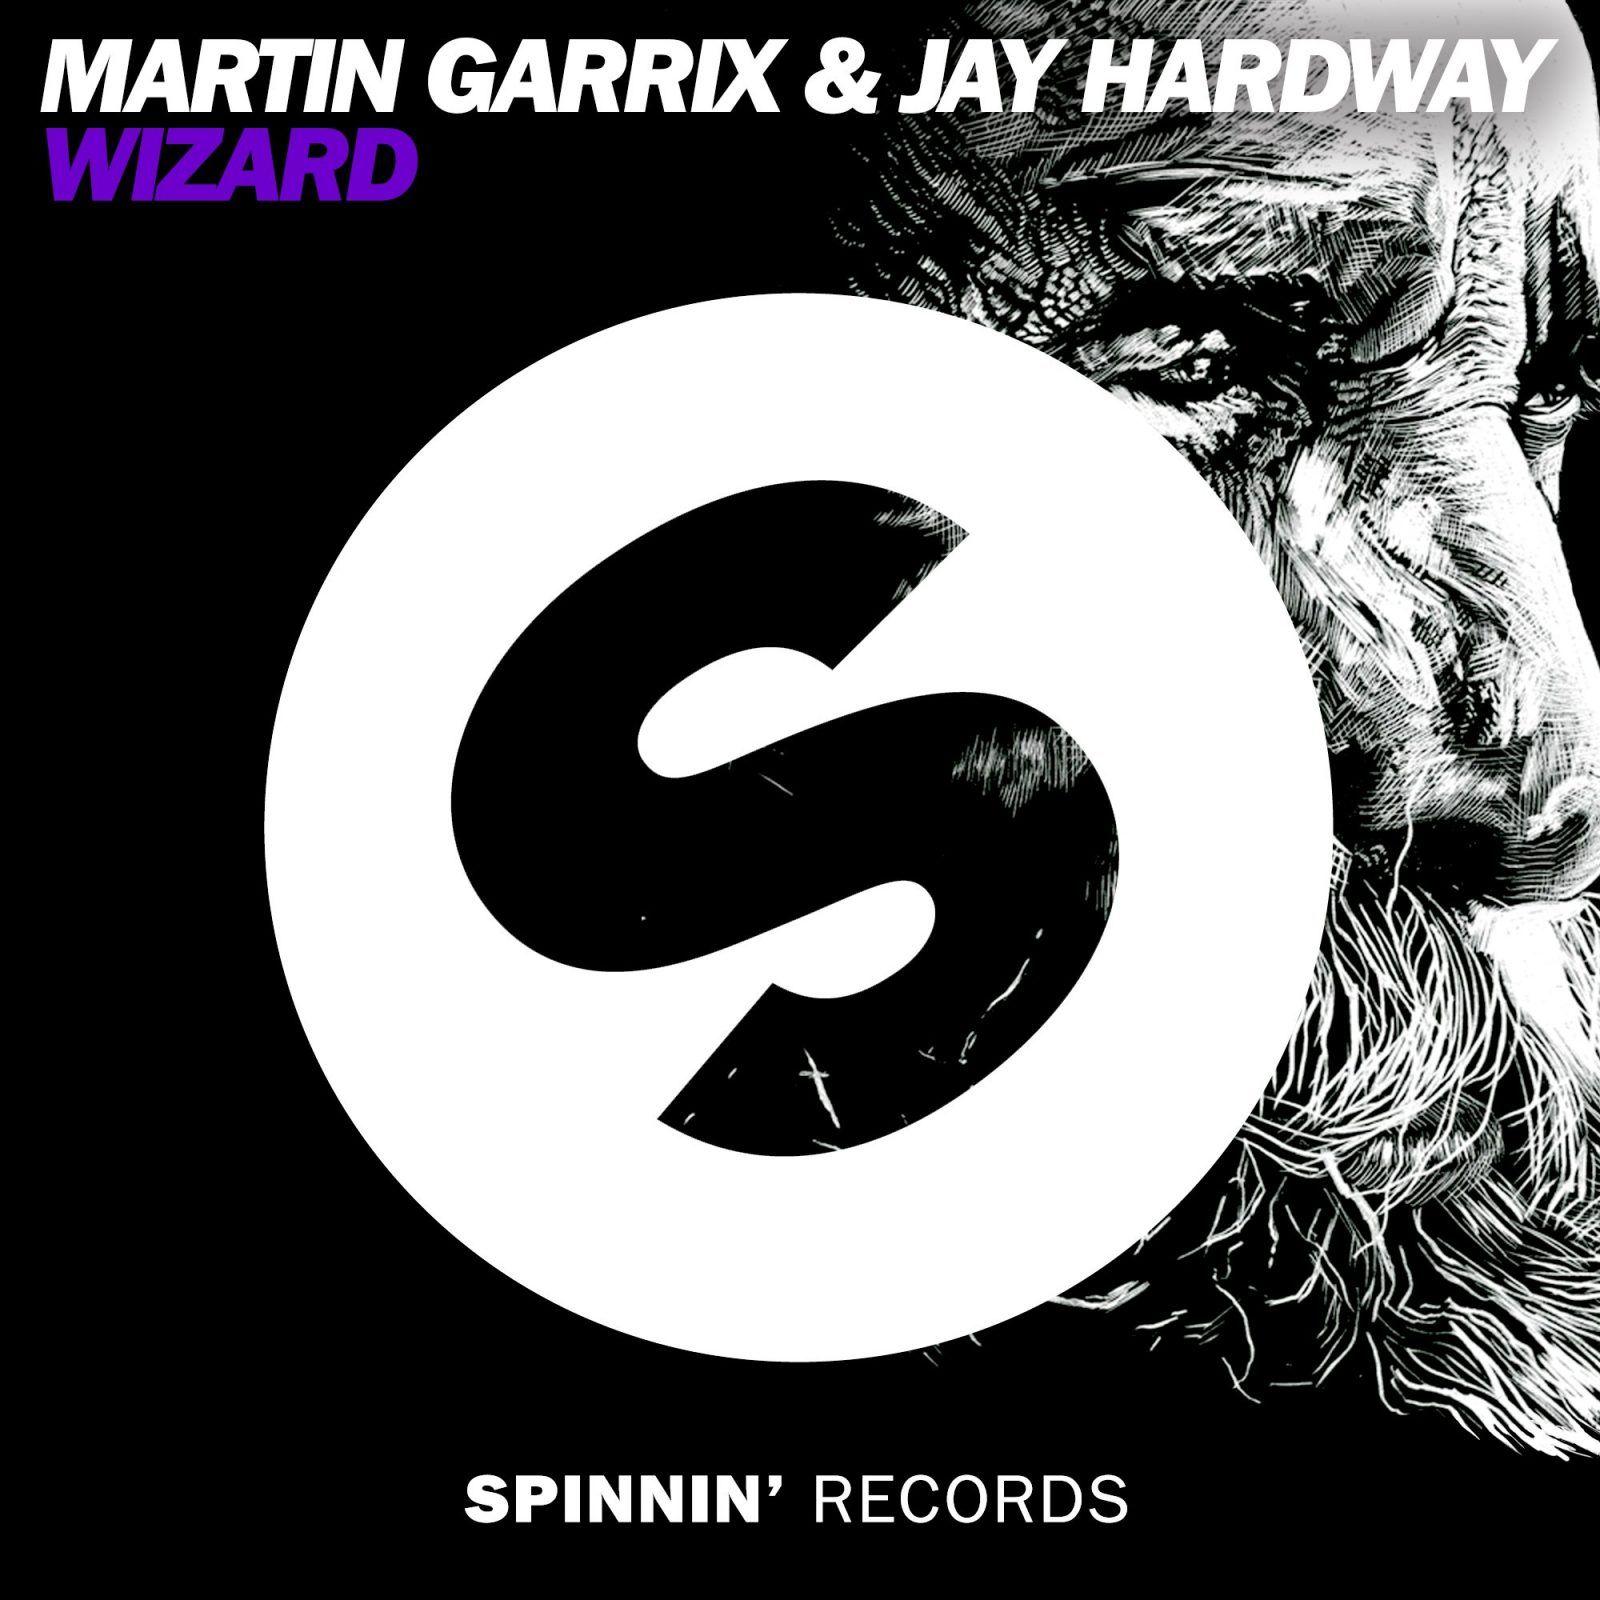 martin-garrix-jay-hardway-wizard-copy.jpeg